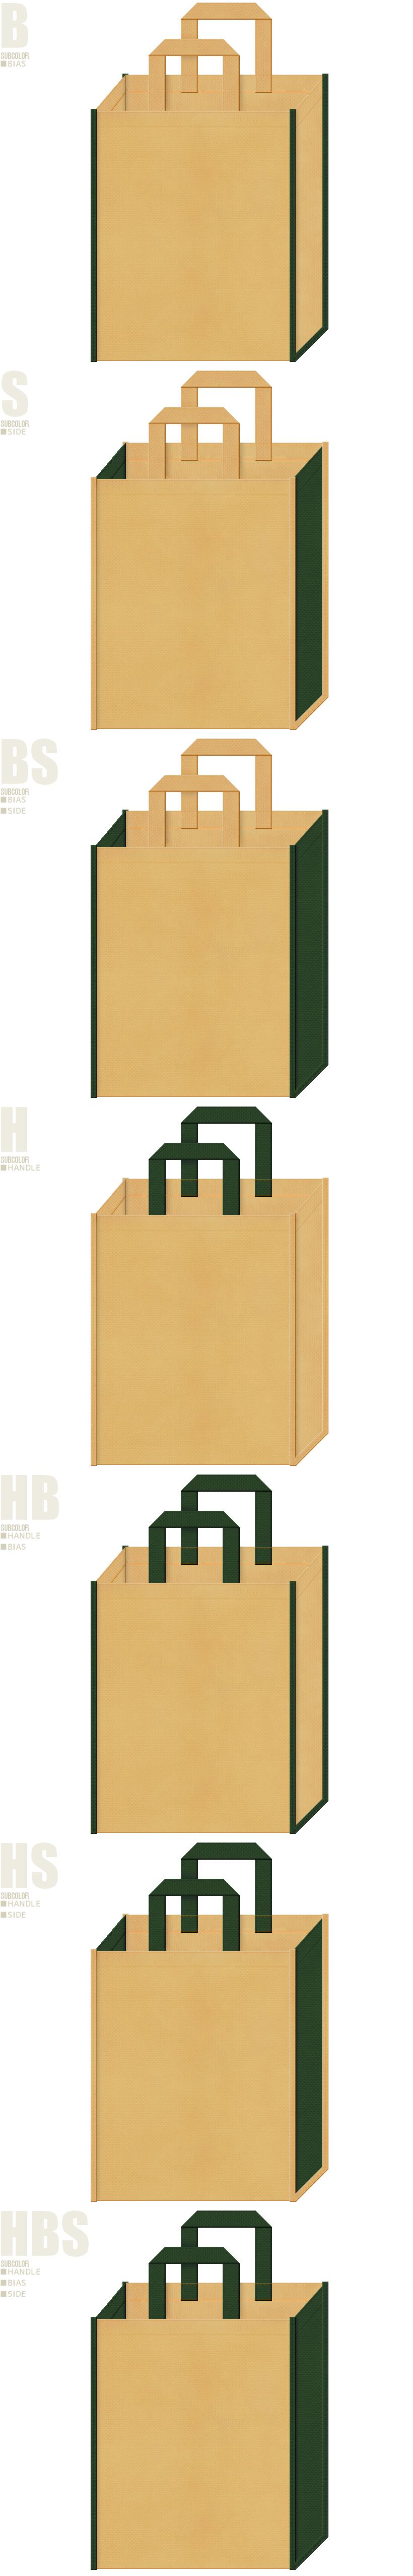 薄黄土色と濃緑色、7パターンの不織布トートバッグ配色デザイン例。アウトドア・キャンプ用品にお奨めです。